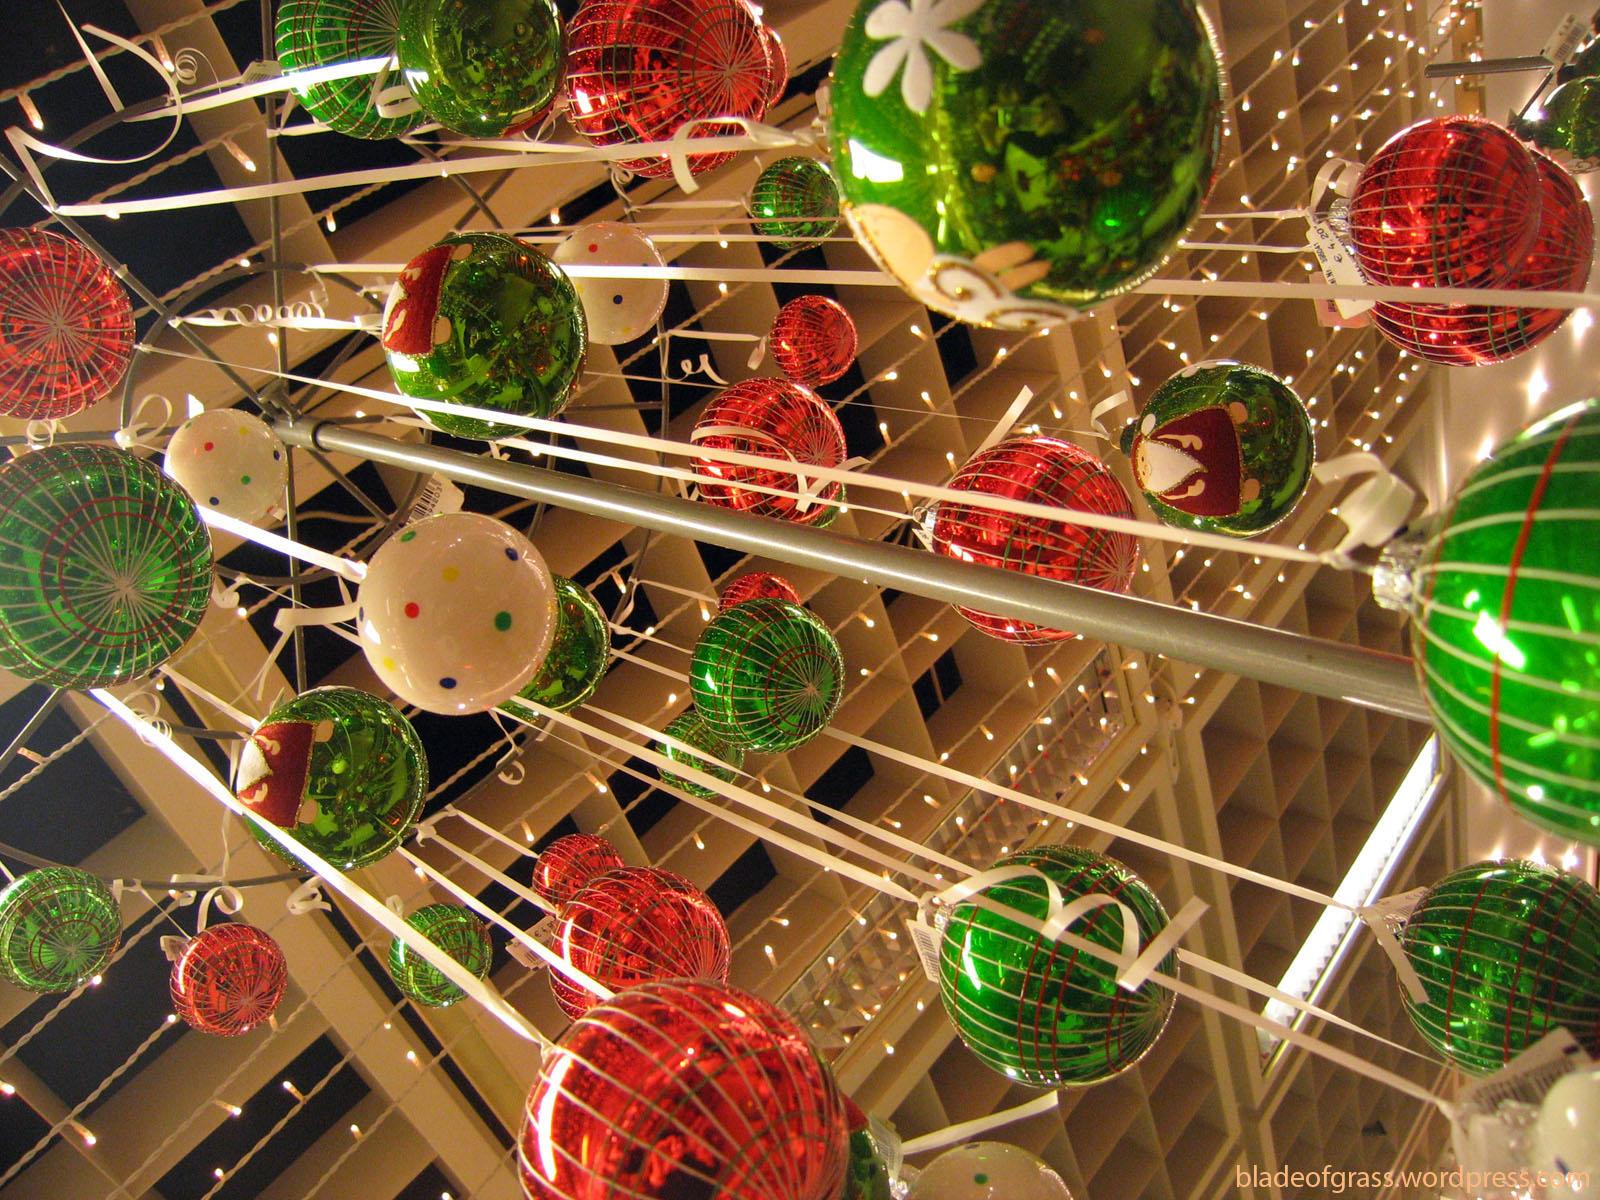 http://2.bp.blogspot.com/_e45GK4i1E8M/TRSsGqPf17I/AAAAAAAACTA/58usA-Kcl8w/s1600/christmas-wallpaper-247.jpg